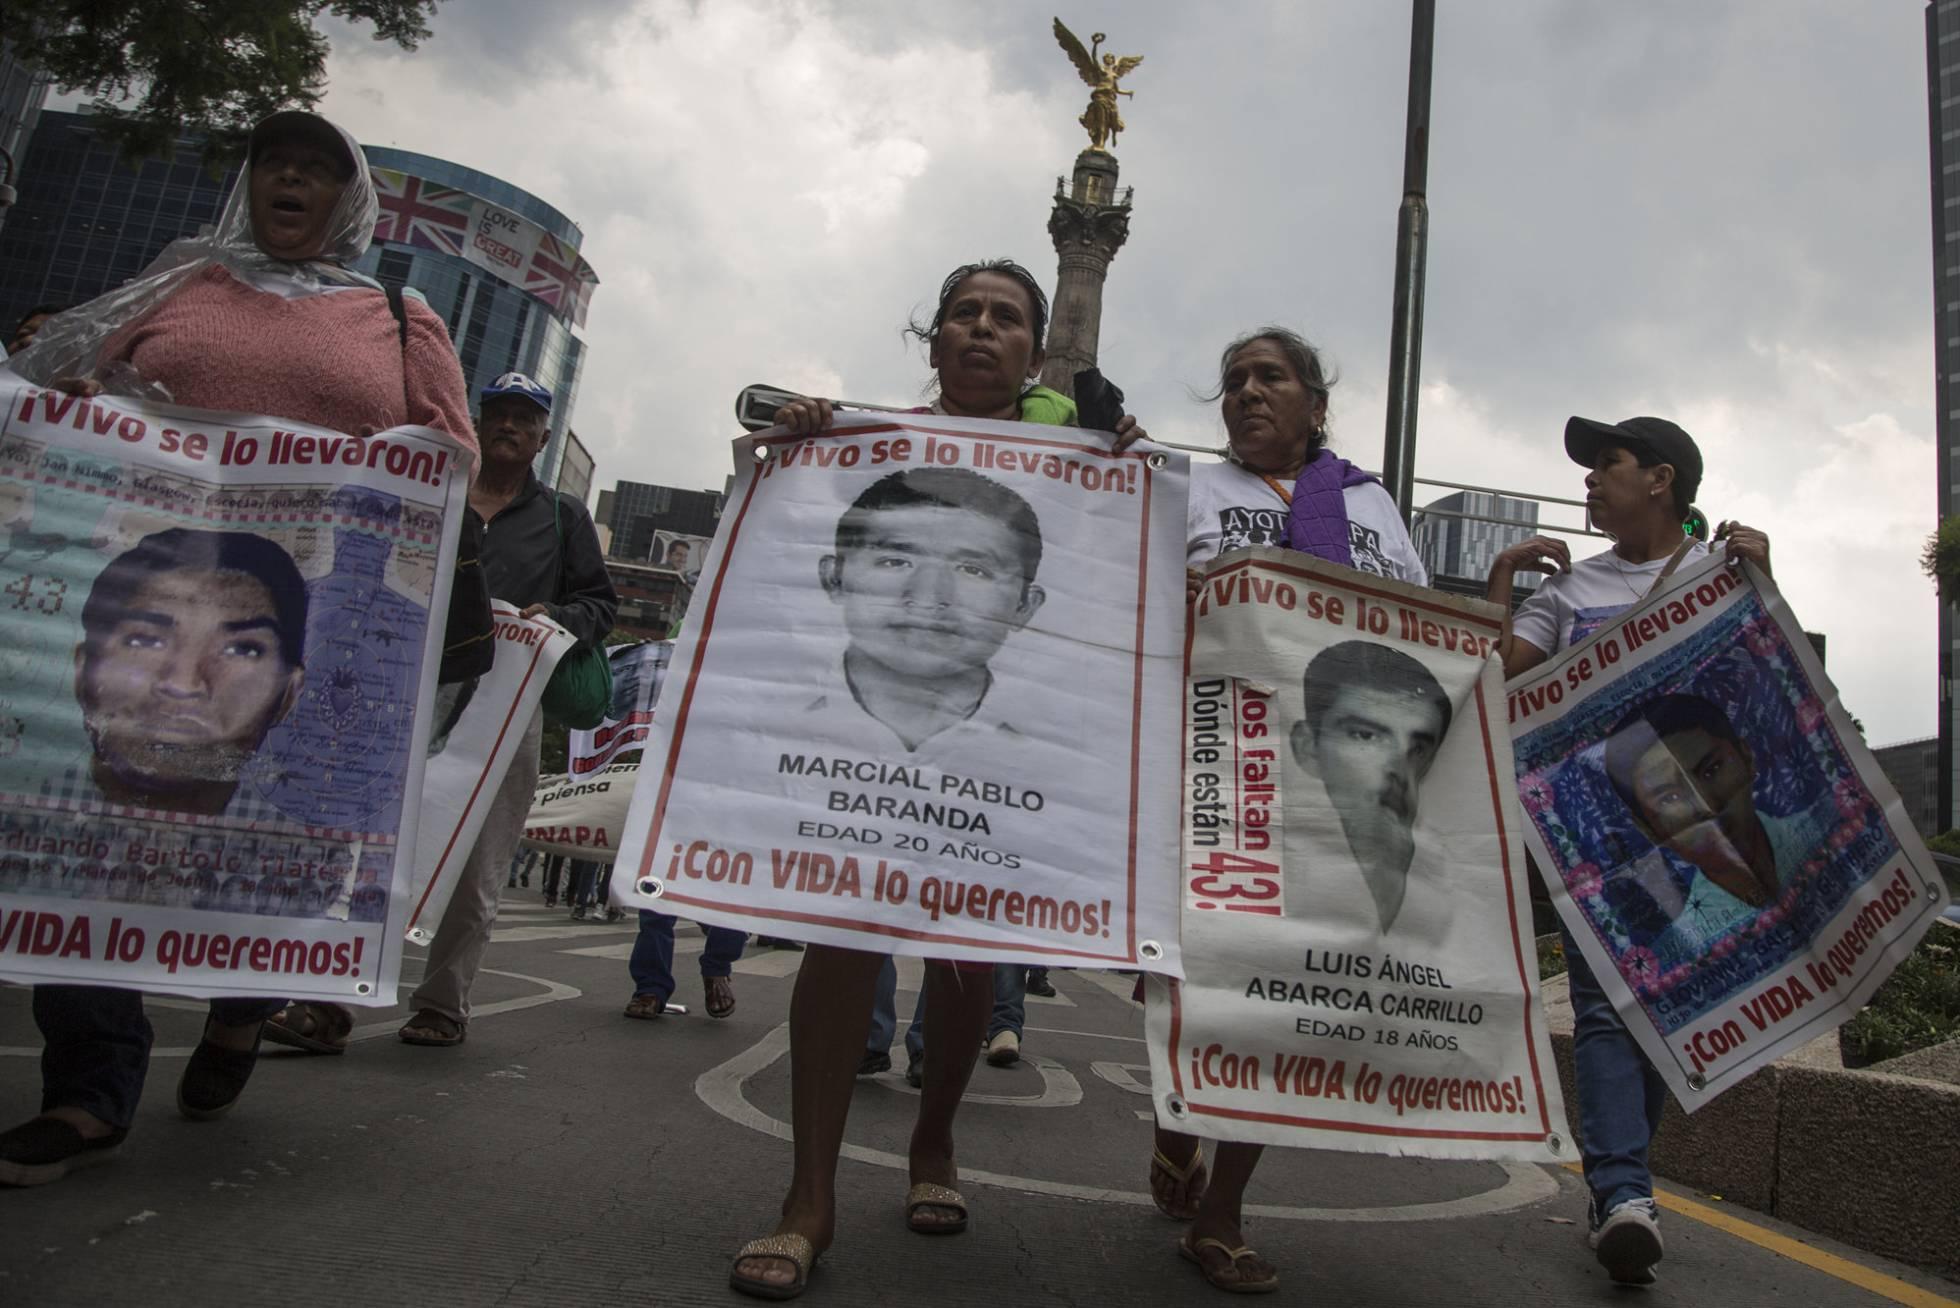 La Fiscalía nombra a un titular para el 'caso Ayotzinapa' después de salir el vídeo de la tortura a un detenido